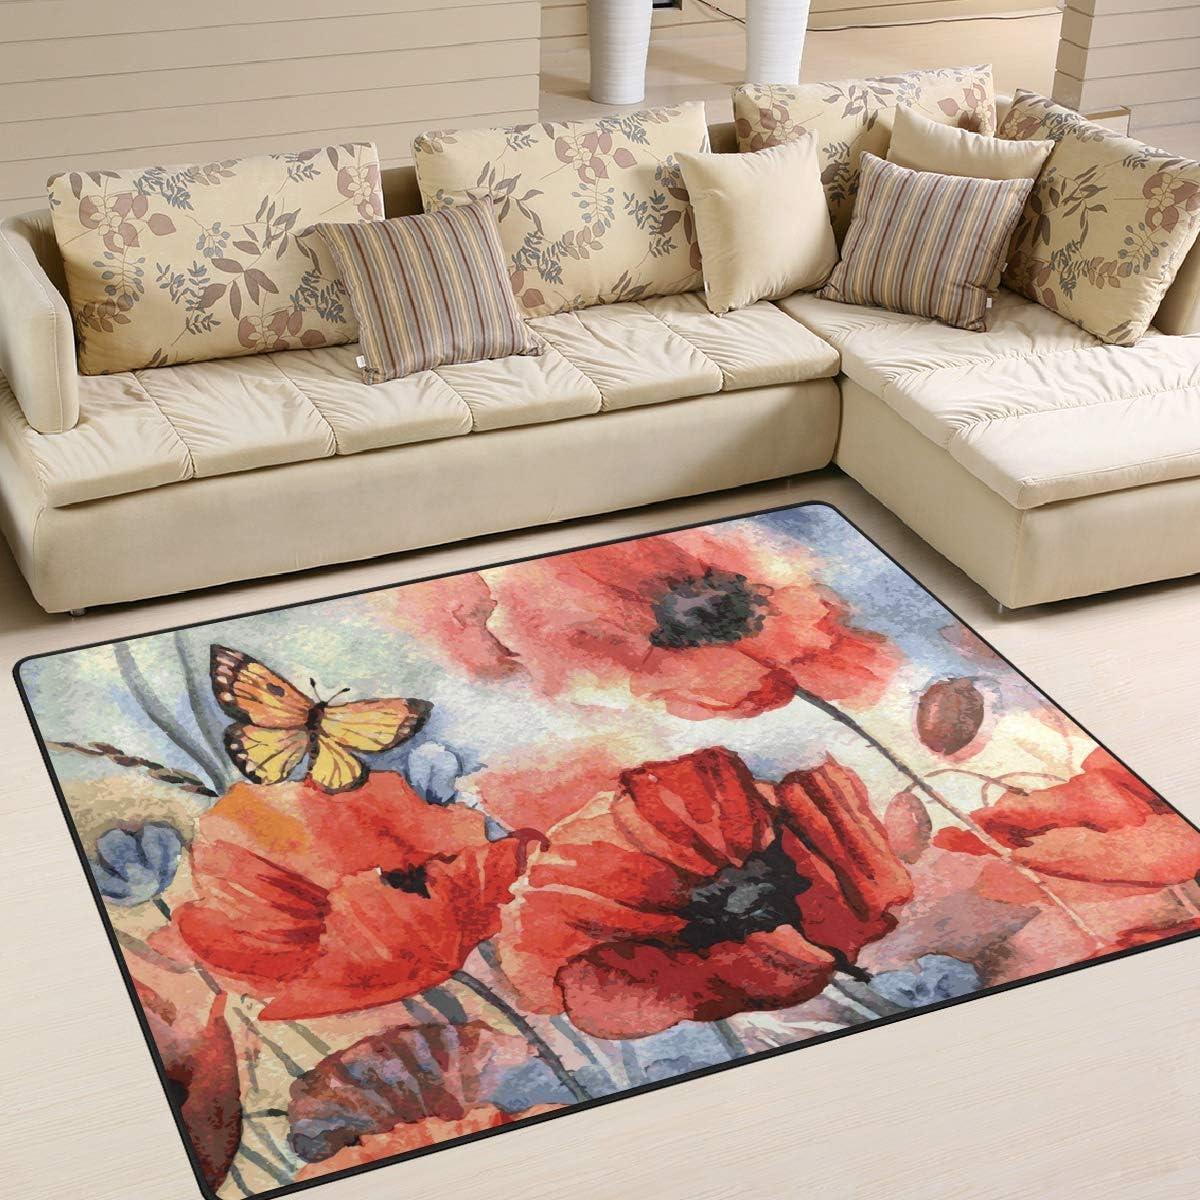 2 x 3 ft Naanle Cat Oil Painting Cat Non Slip Area Rug for Living Dinning Room Bedroom Kitchen 60 x 90 cm Animal Cat Nursery Rug Floor Carpet Yoga Mat